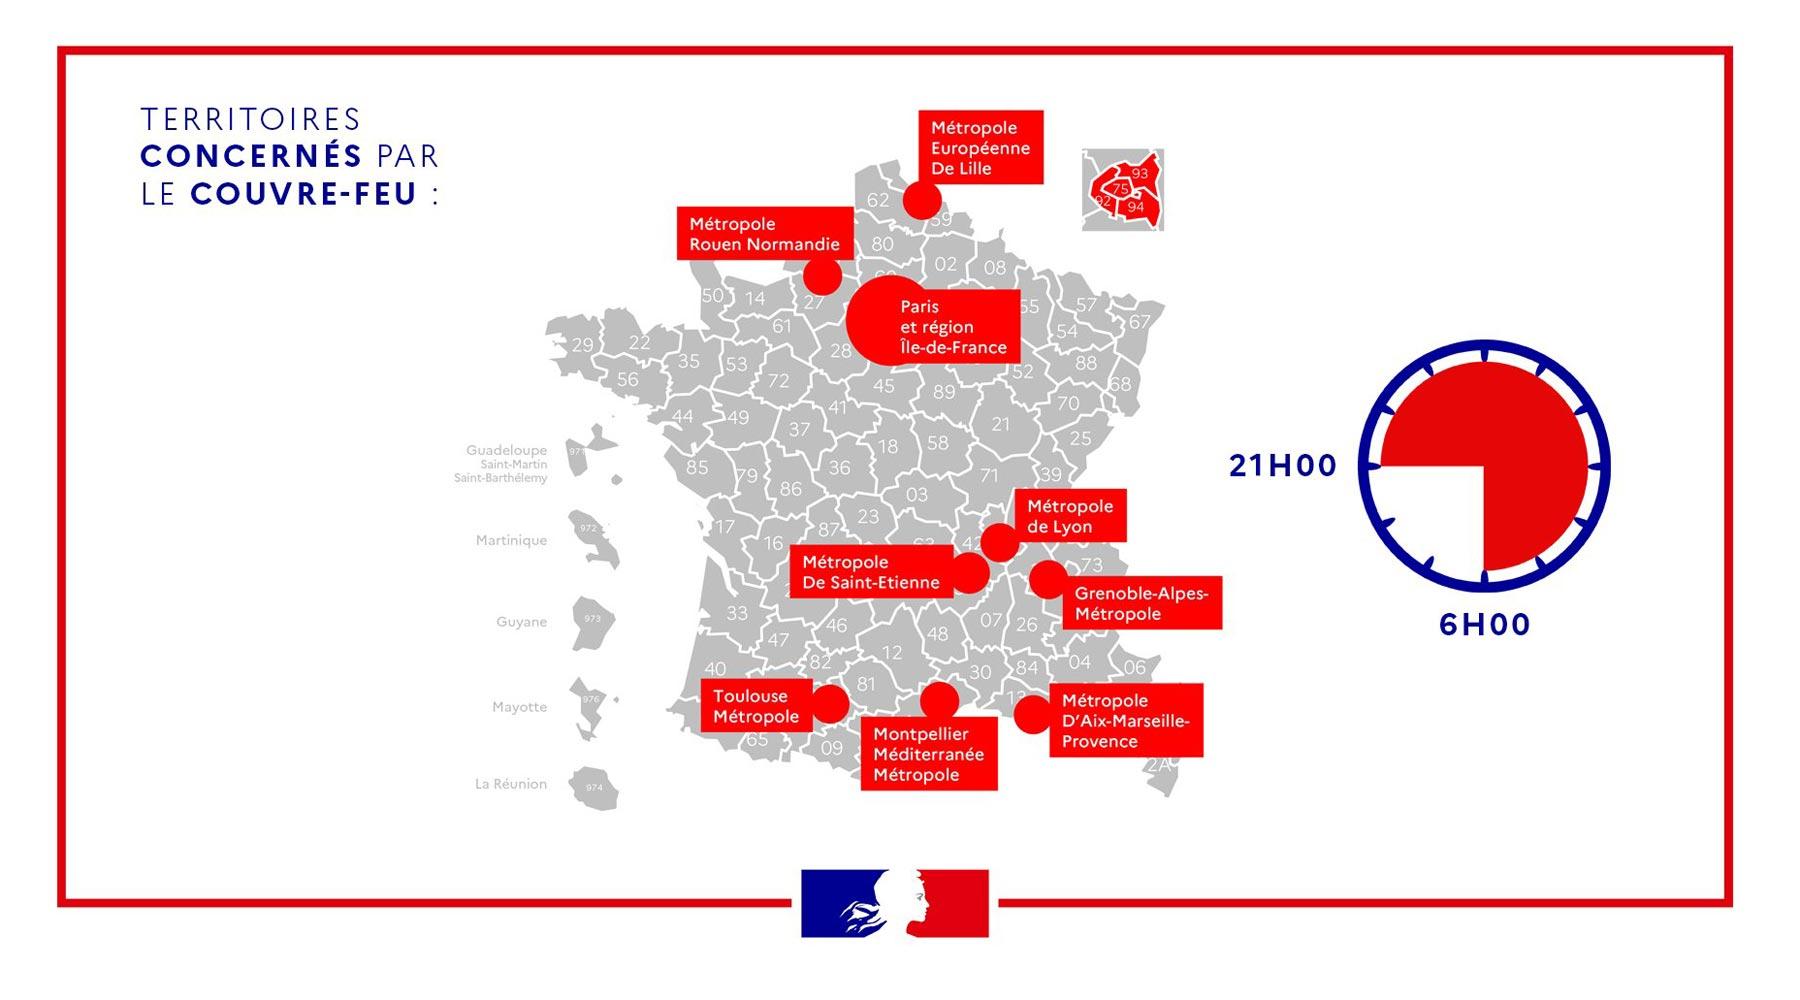 Couvre Feu L Attestation A Telecharger Sur Le Site Du Ministere De L Interieur